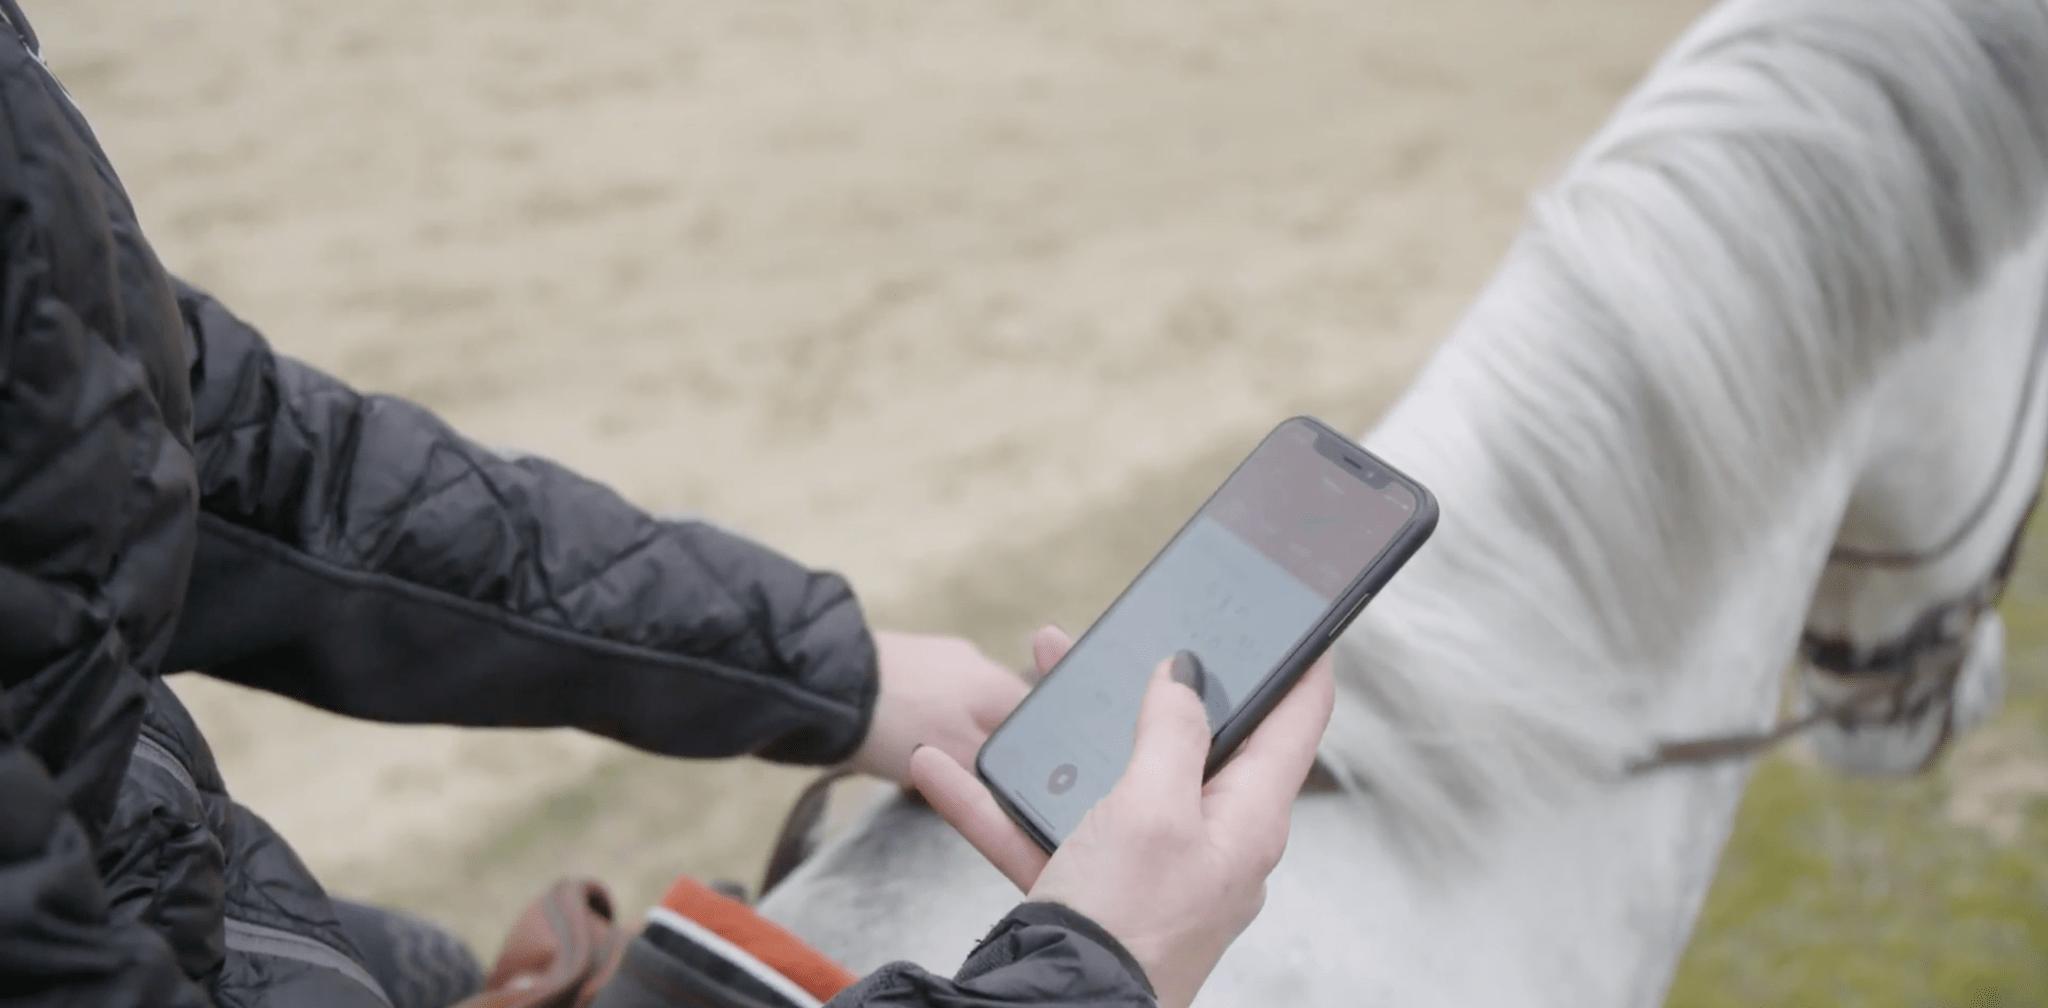 equisense capteur connecté pour l'équitation